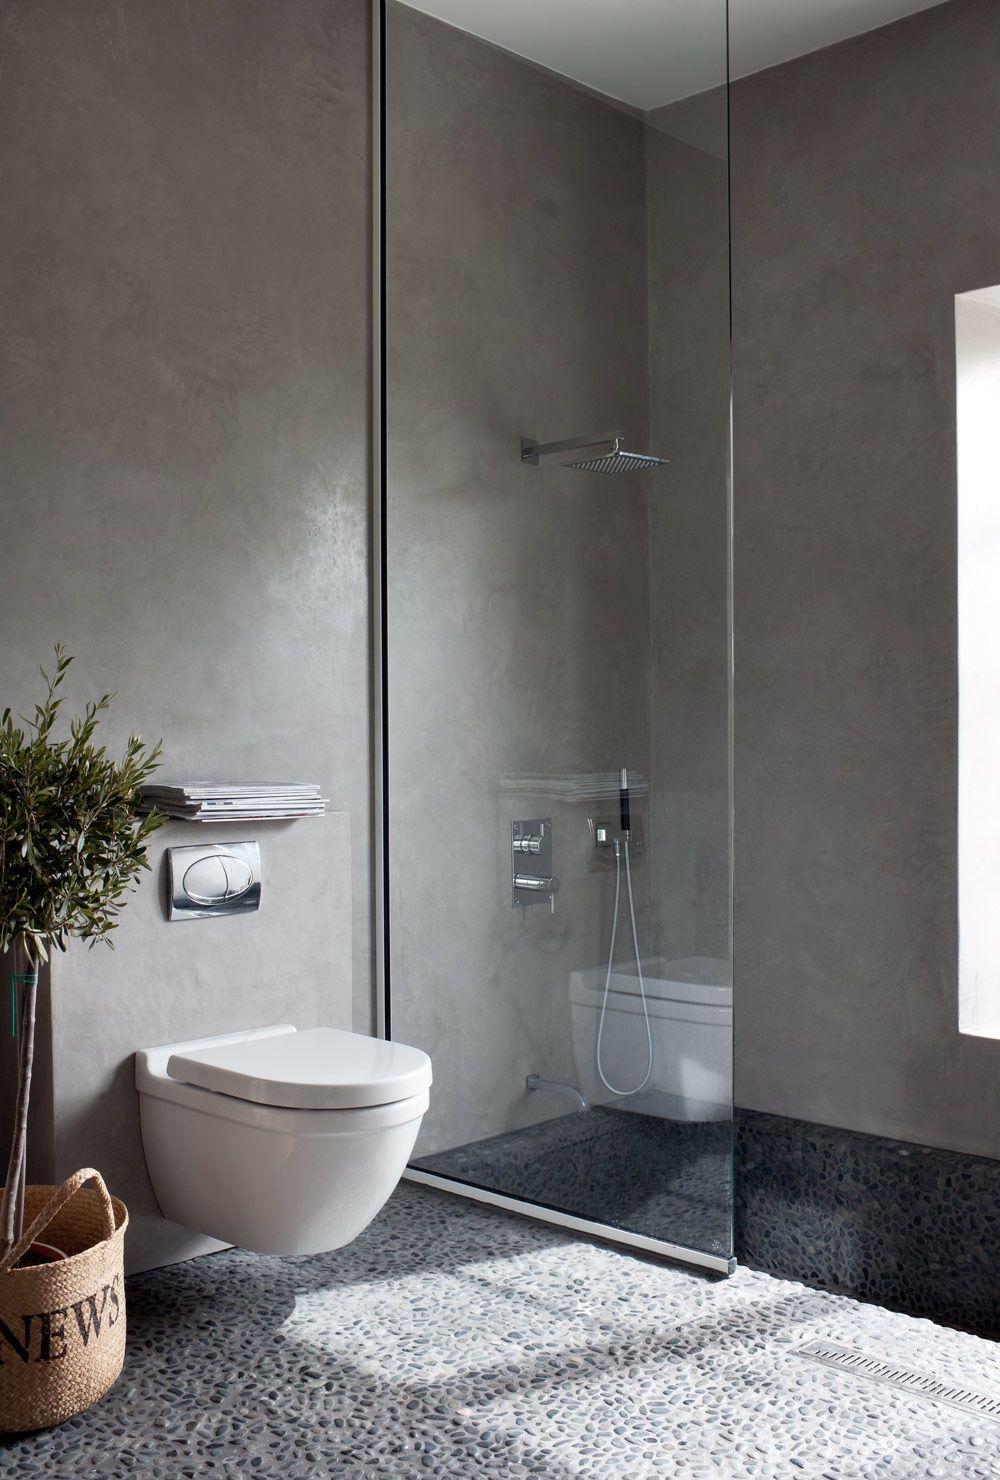 Badezimmer design neu pin von dhurata meha auf bathroom  pinterest  badezimmer